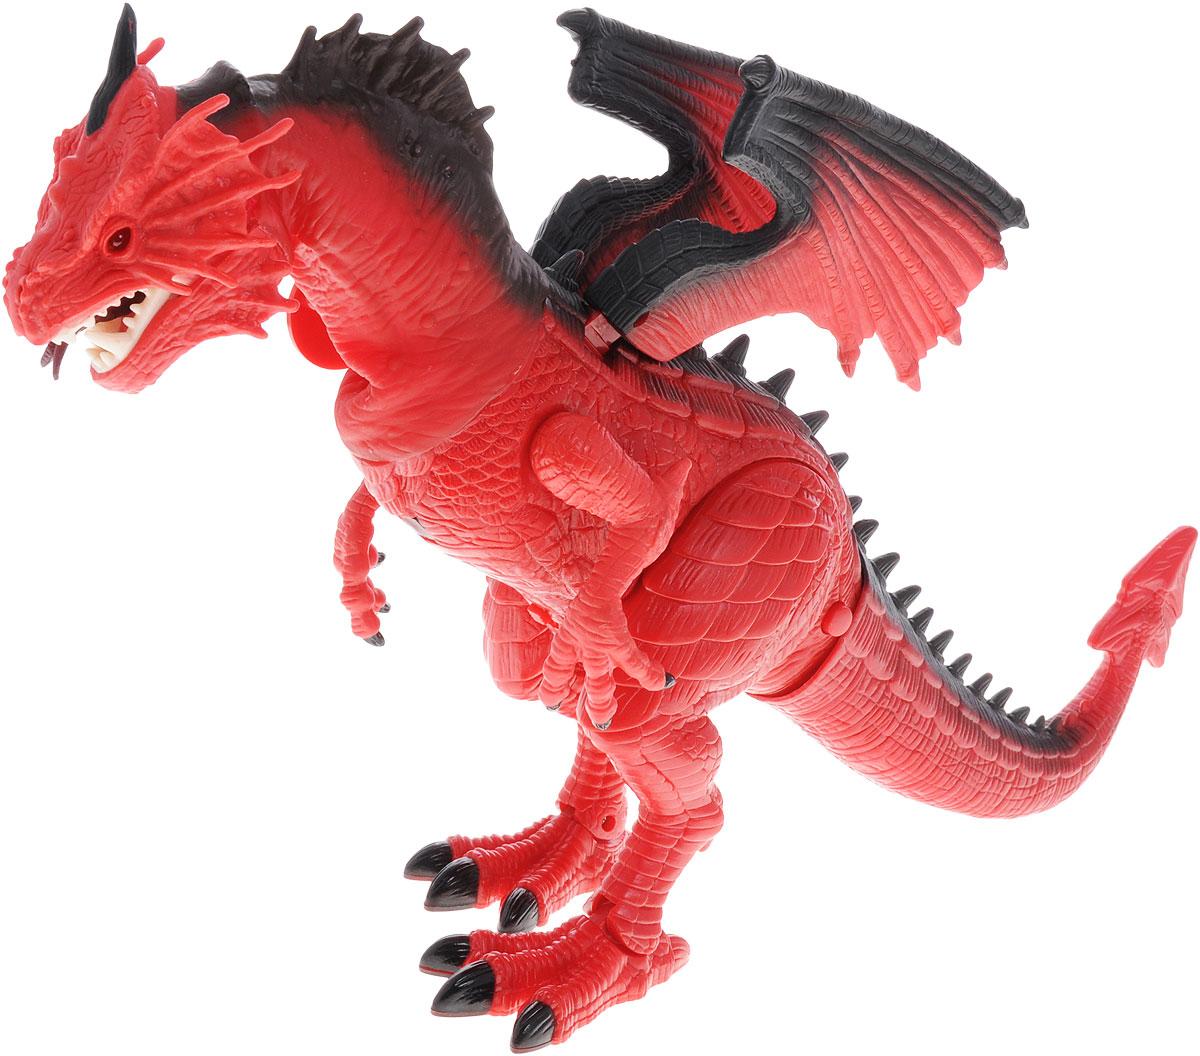 Dragon Игрушка на инфракрасном управлении Мегазавр - Радиоуправляемые игрушки